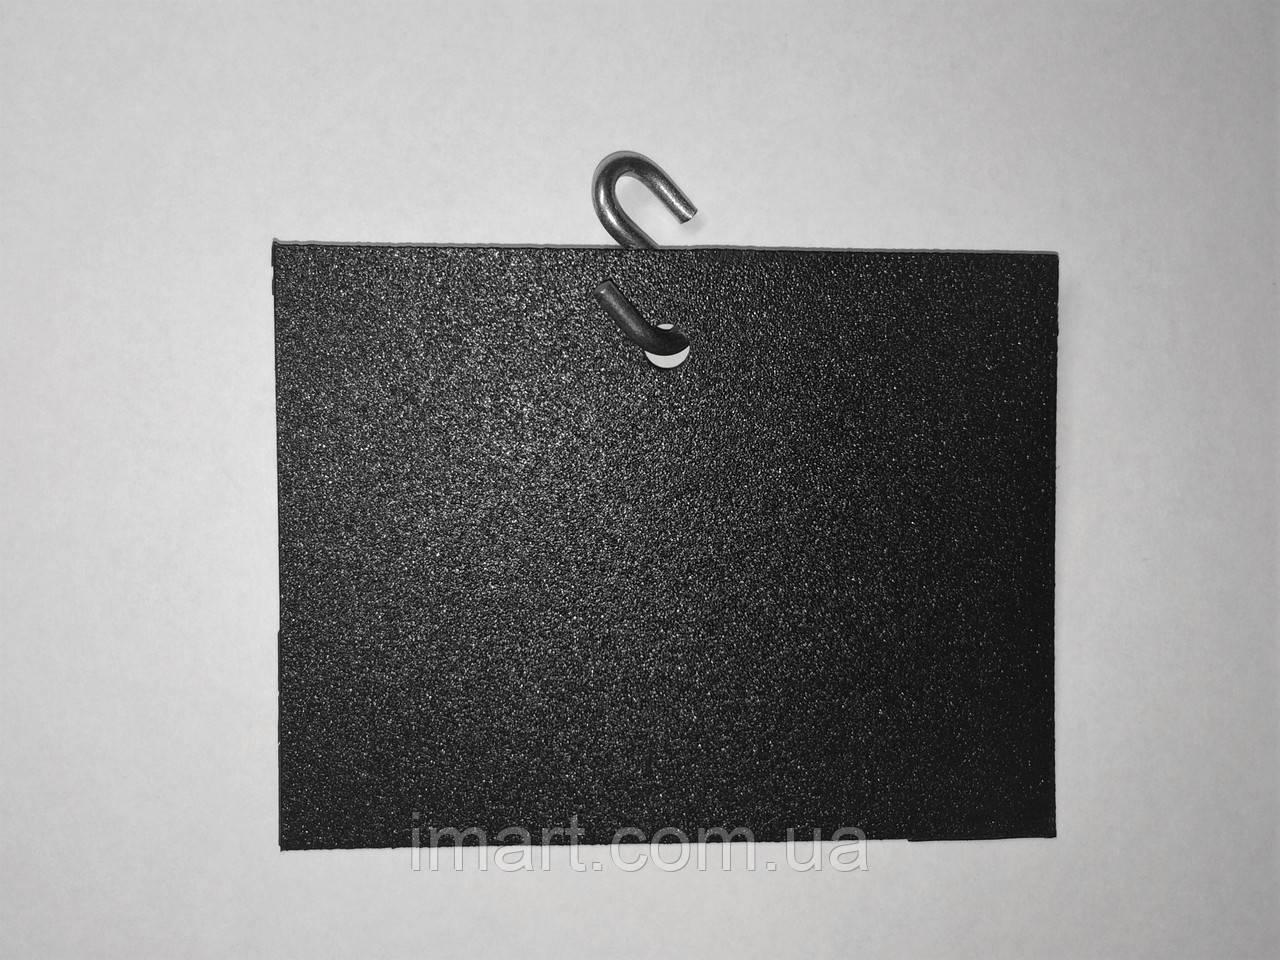 Ценник подвесной 5х10 см s-образным крючком меловой. Грифельная табличка. Для мела и мелового маркера